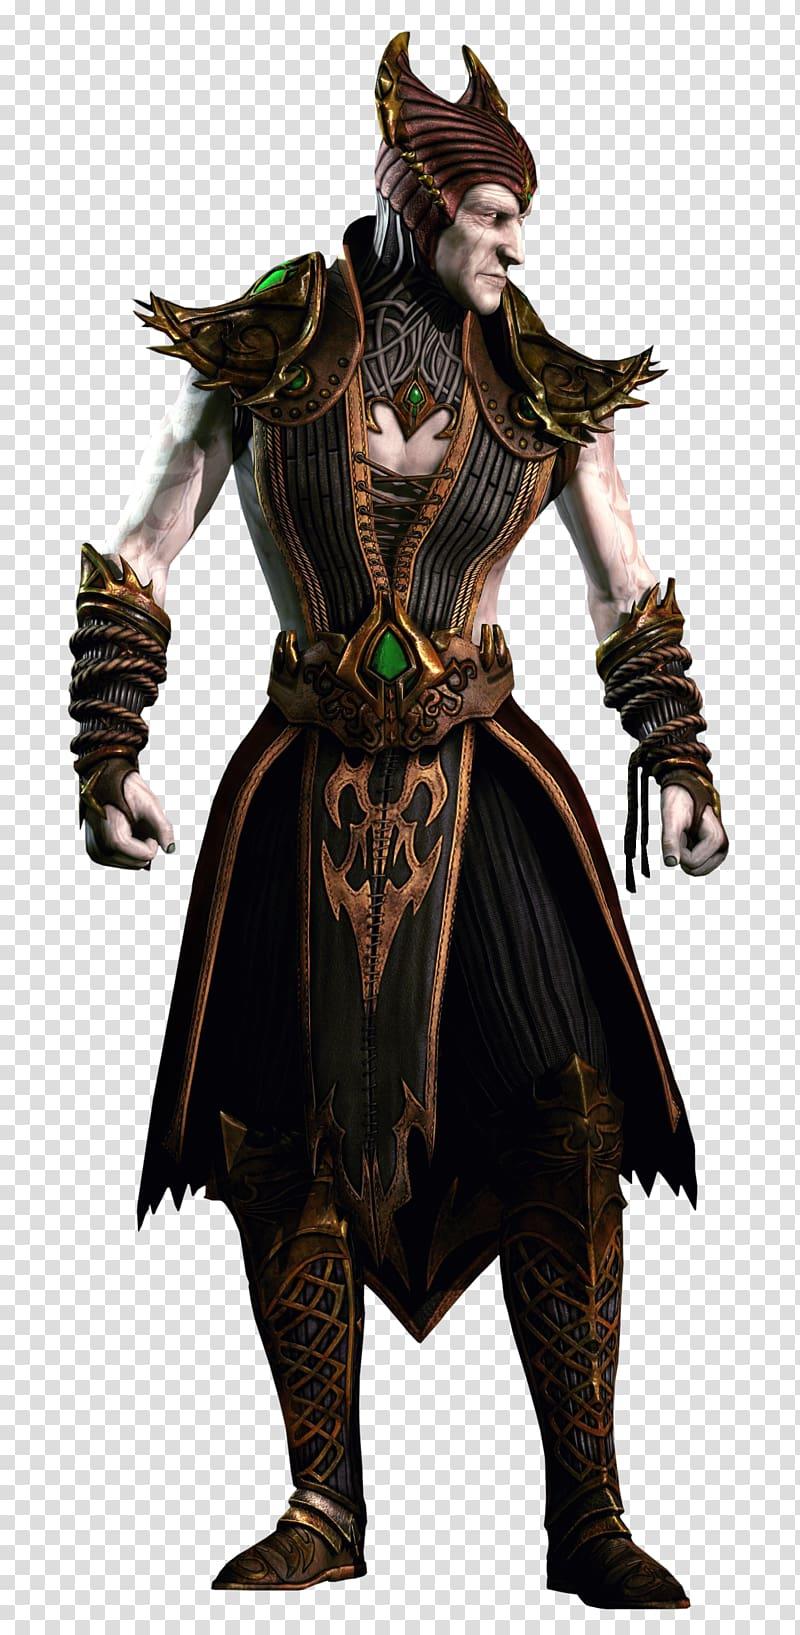 Mortal Kombat X Shinnok Shao Kahn Johnny Cage, Mortal Kombat.